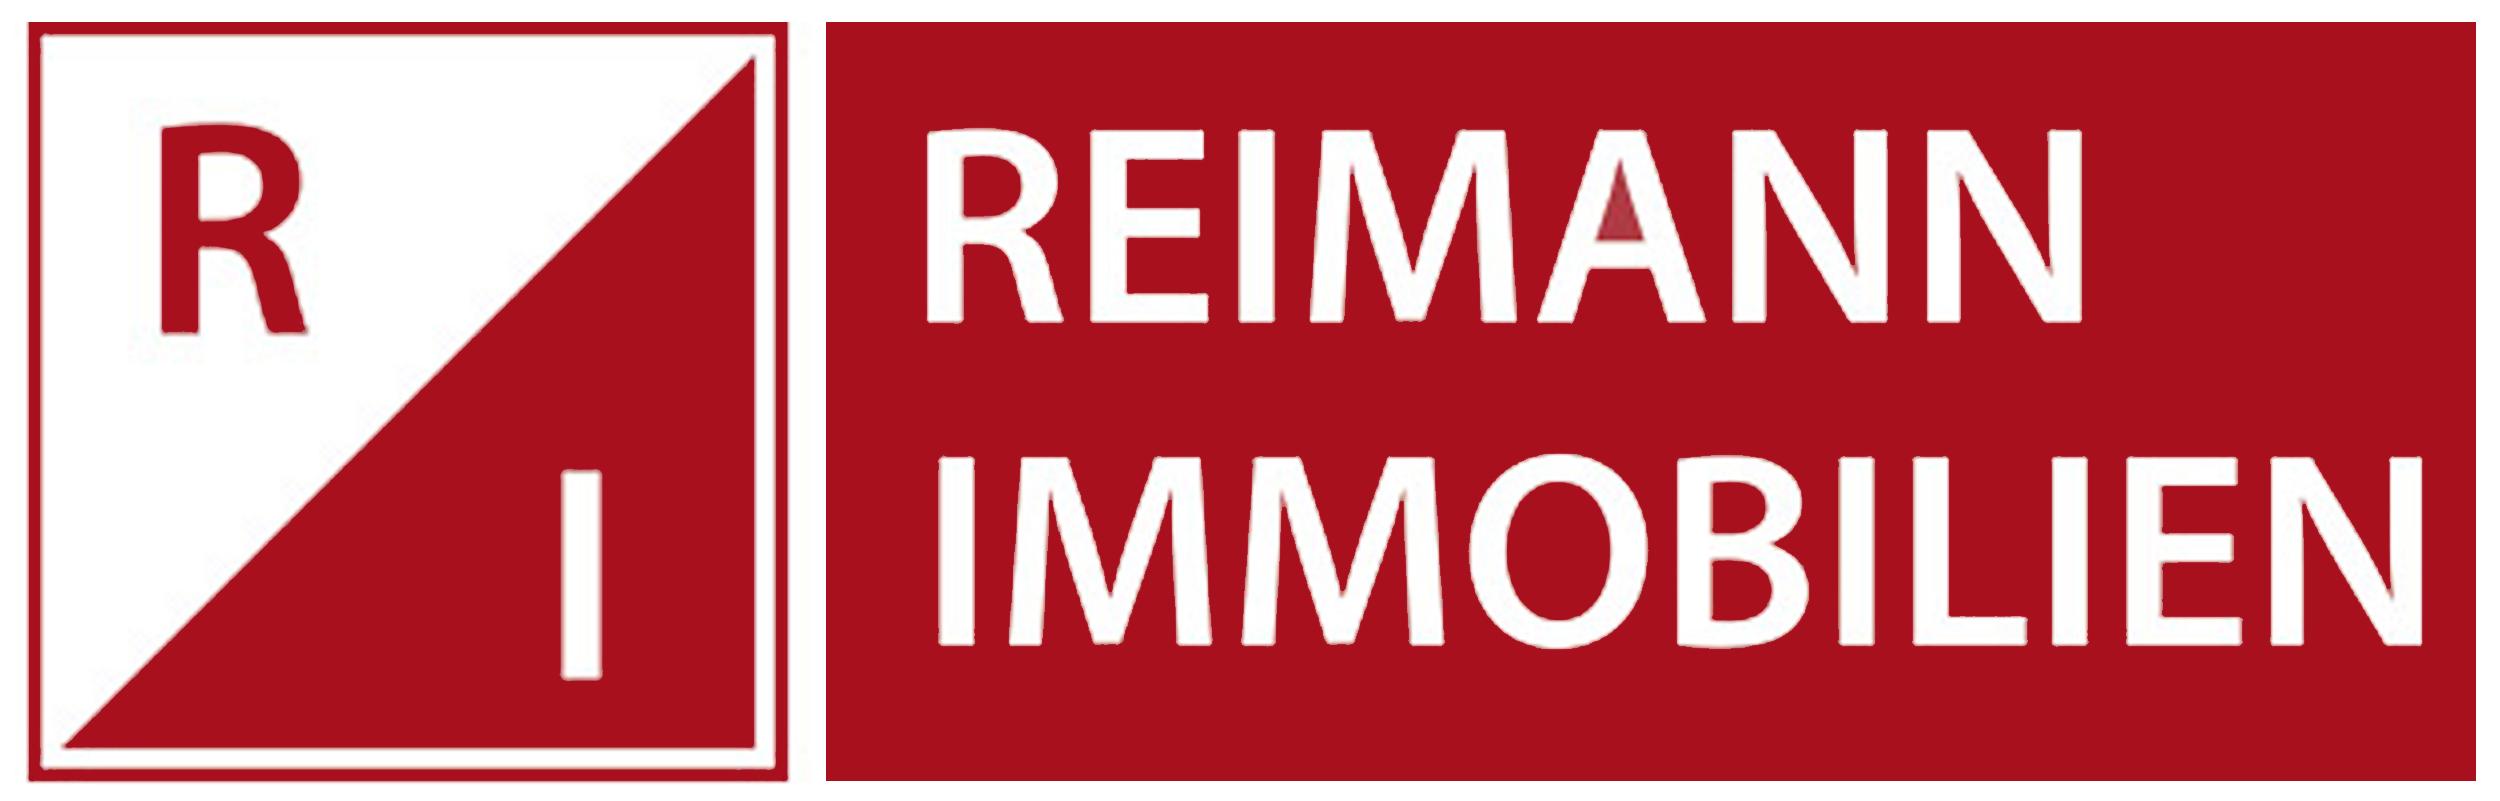 Hier sehen Sie das Logo von Reimann Immobilien